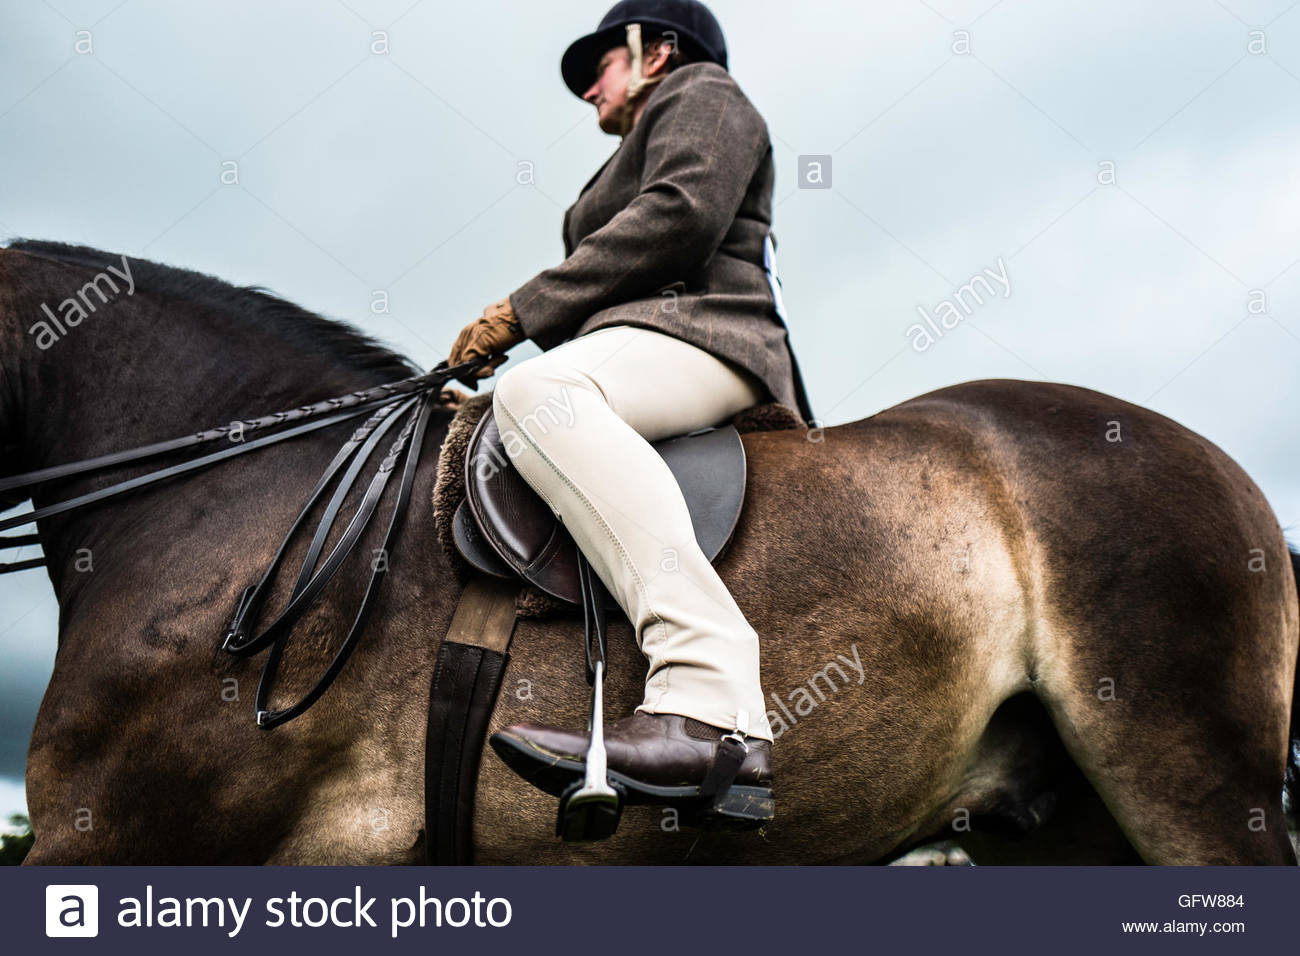 Cavaliere a cavallo in abito formale e stivaletti in sella a una baia. Immagini Stock